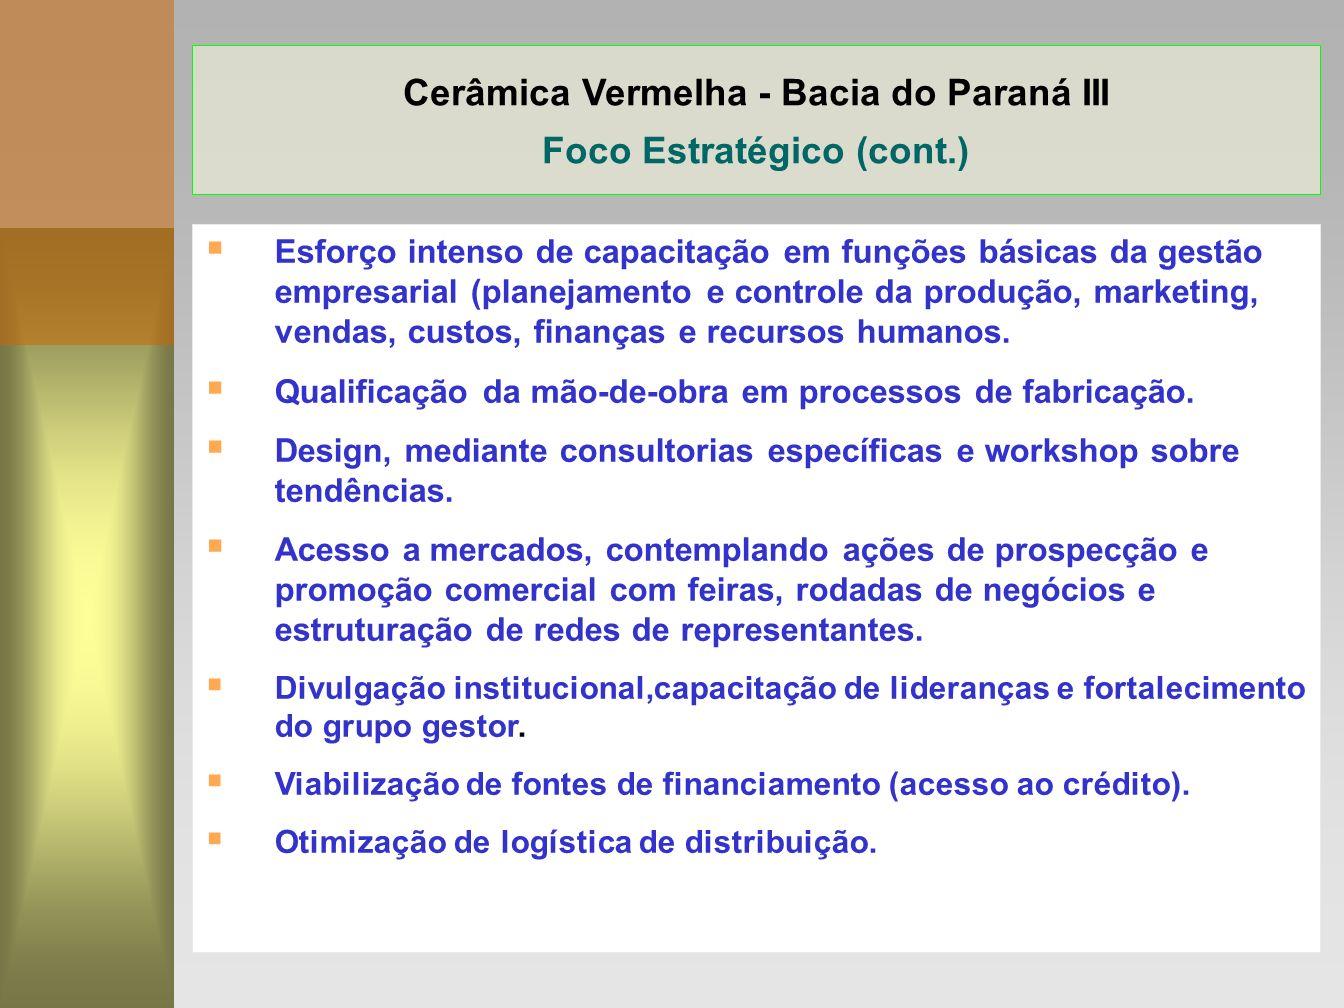 Cerâmica Vermelha - Bacia do Paraná III Foco Estratégico (cont.)